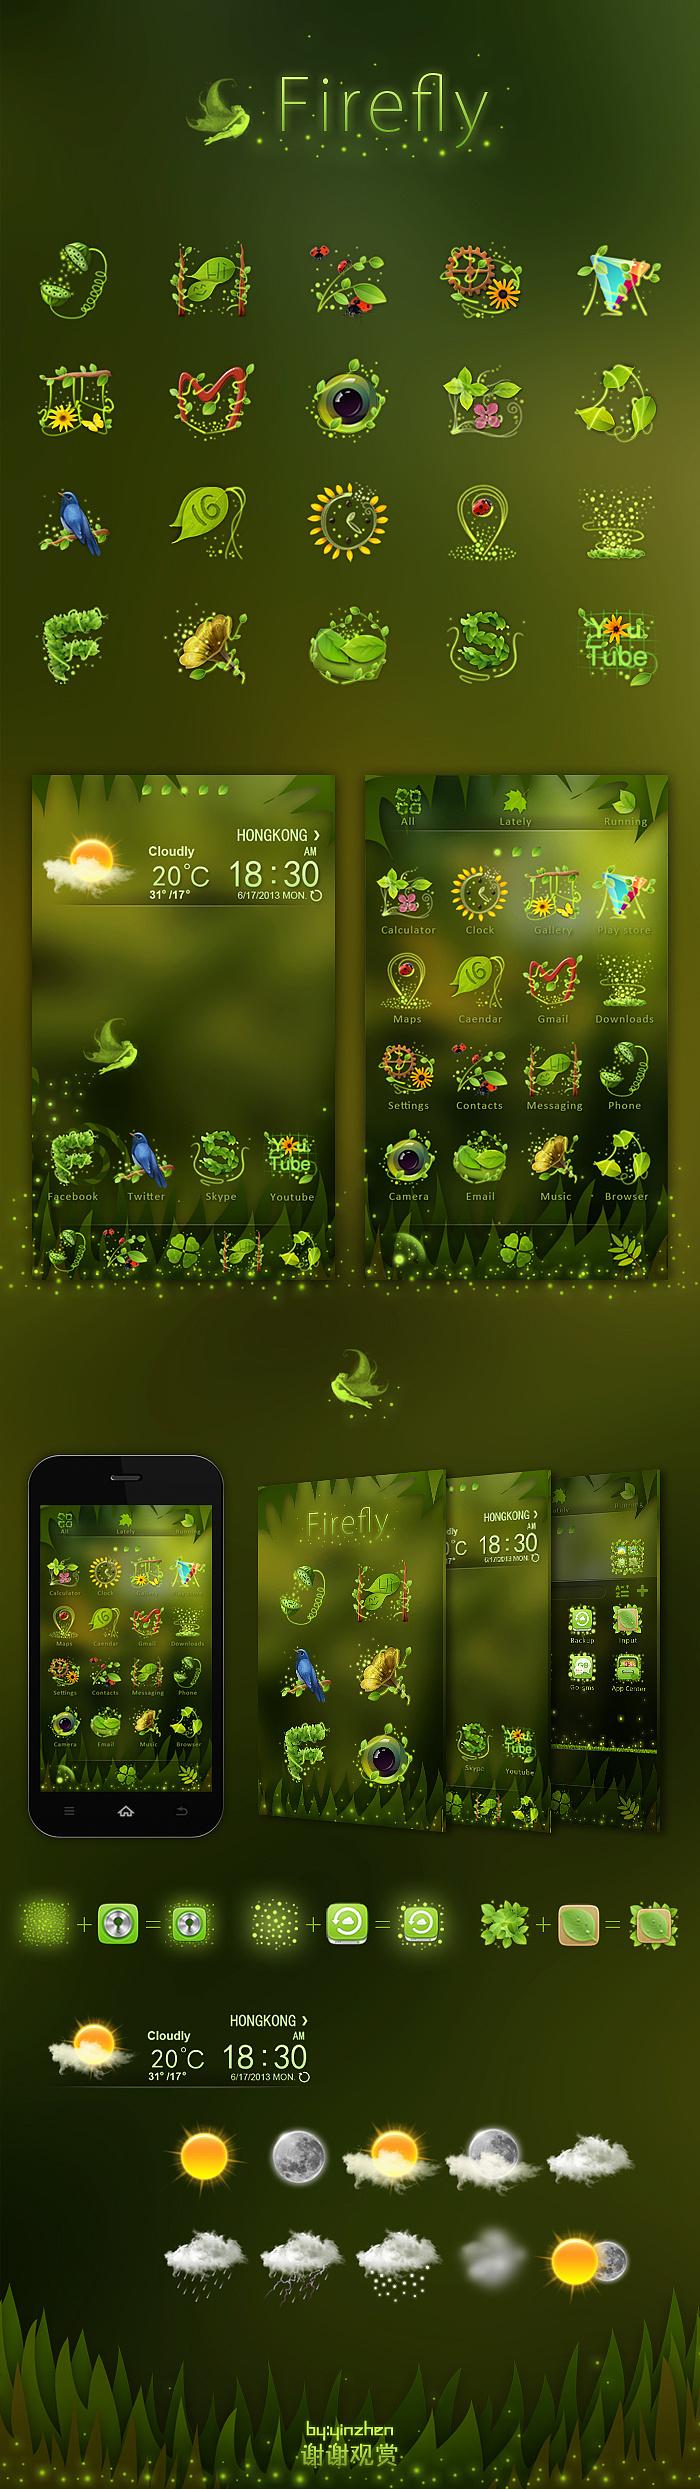 萤火虫[firefly]